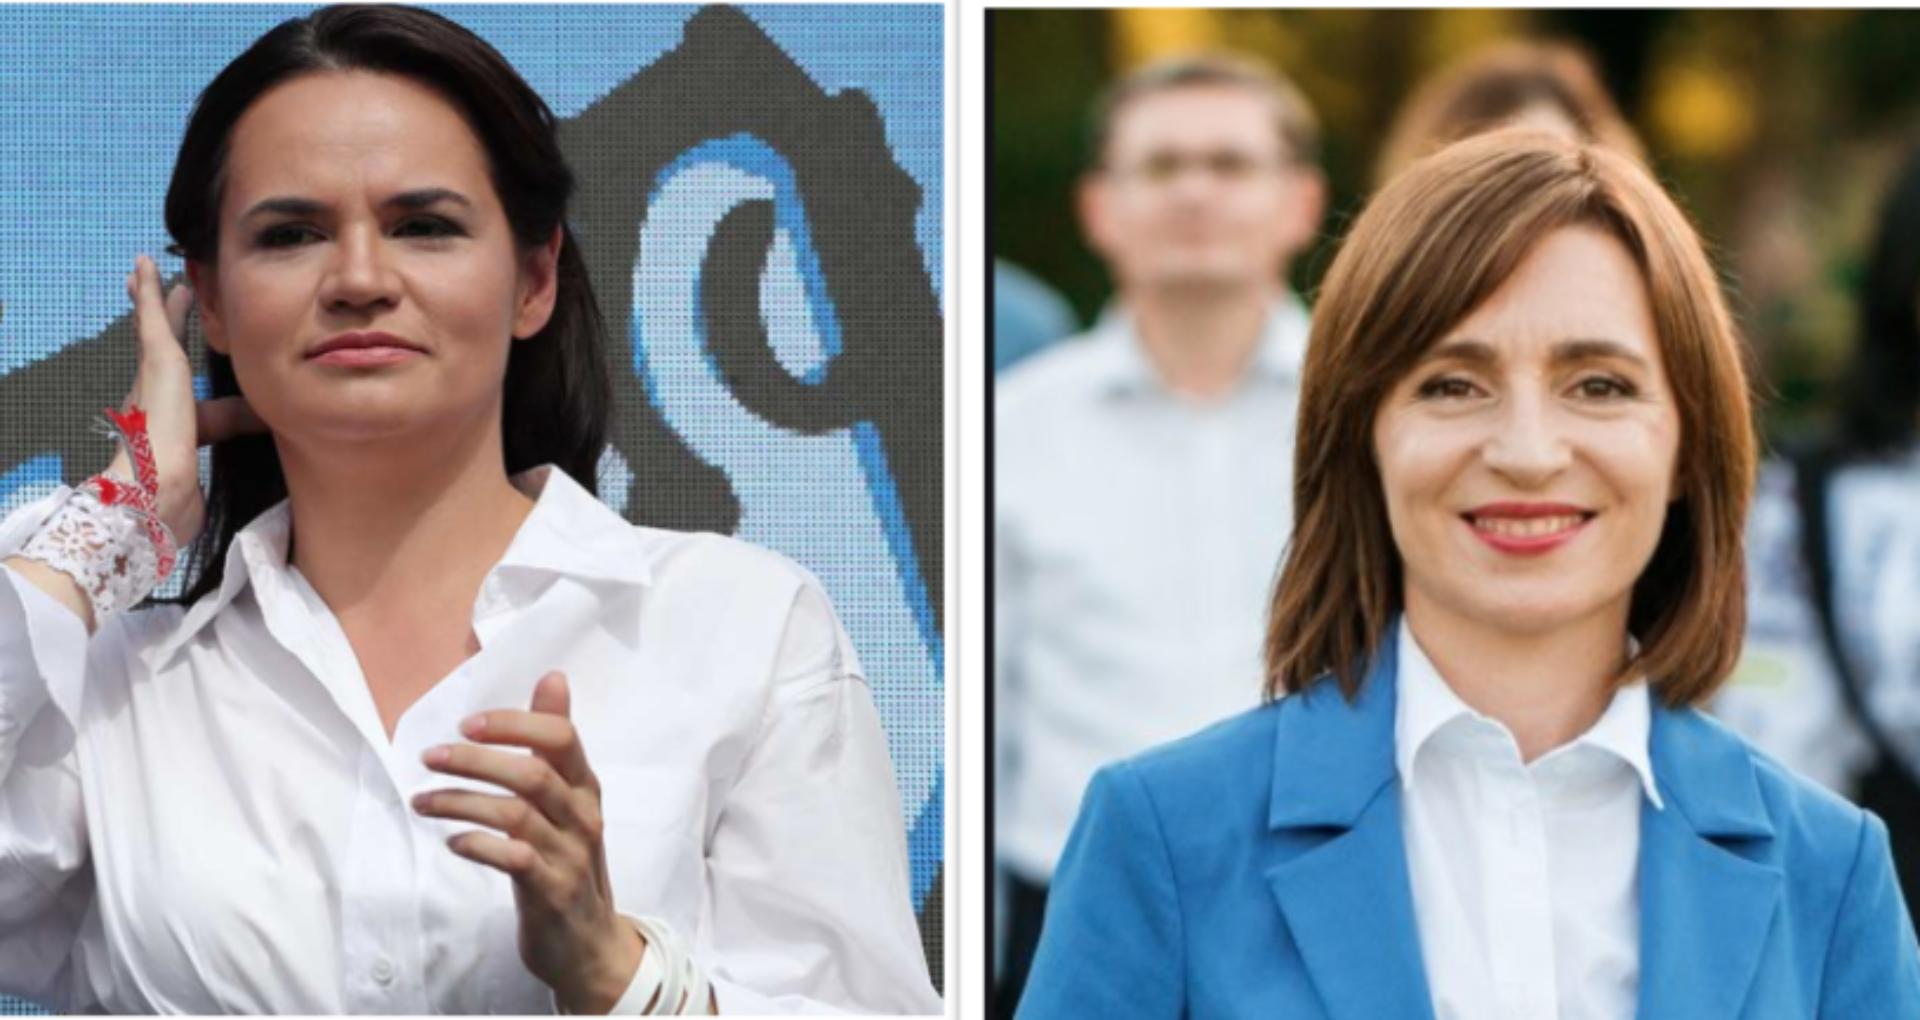 """Svetlana Tikhanovskaya o felicită pe Maia Sandu pentru câștigarea alegerilor prezidențiale: """"Sub conducerea ei poporul moldovenesc va prospera și relațiile dintre națiunile noastre se vor dezvolta"""""""